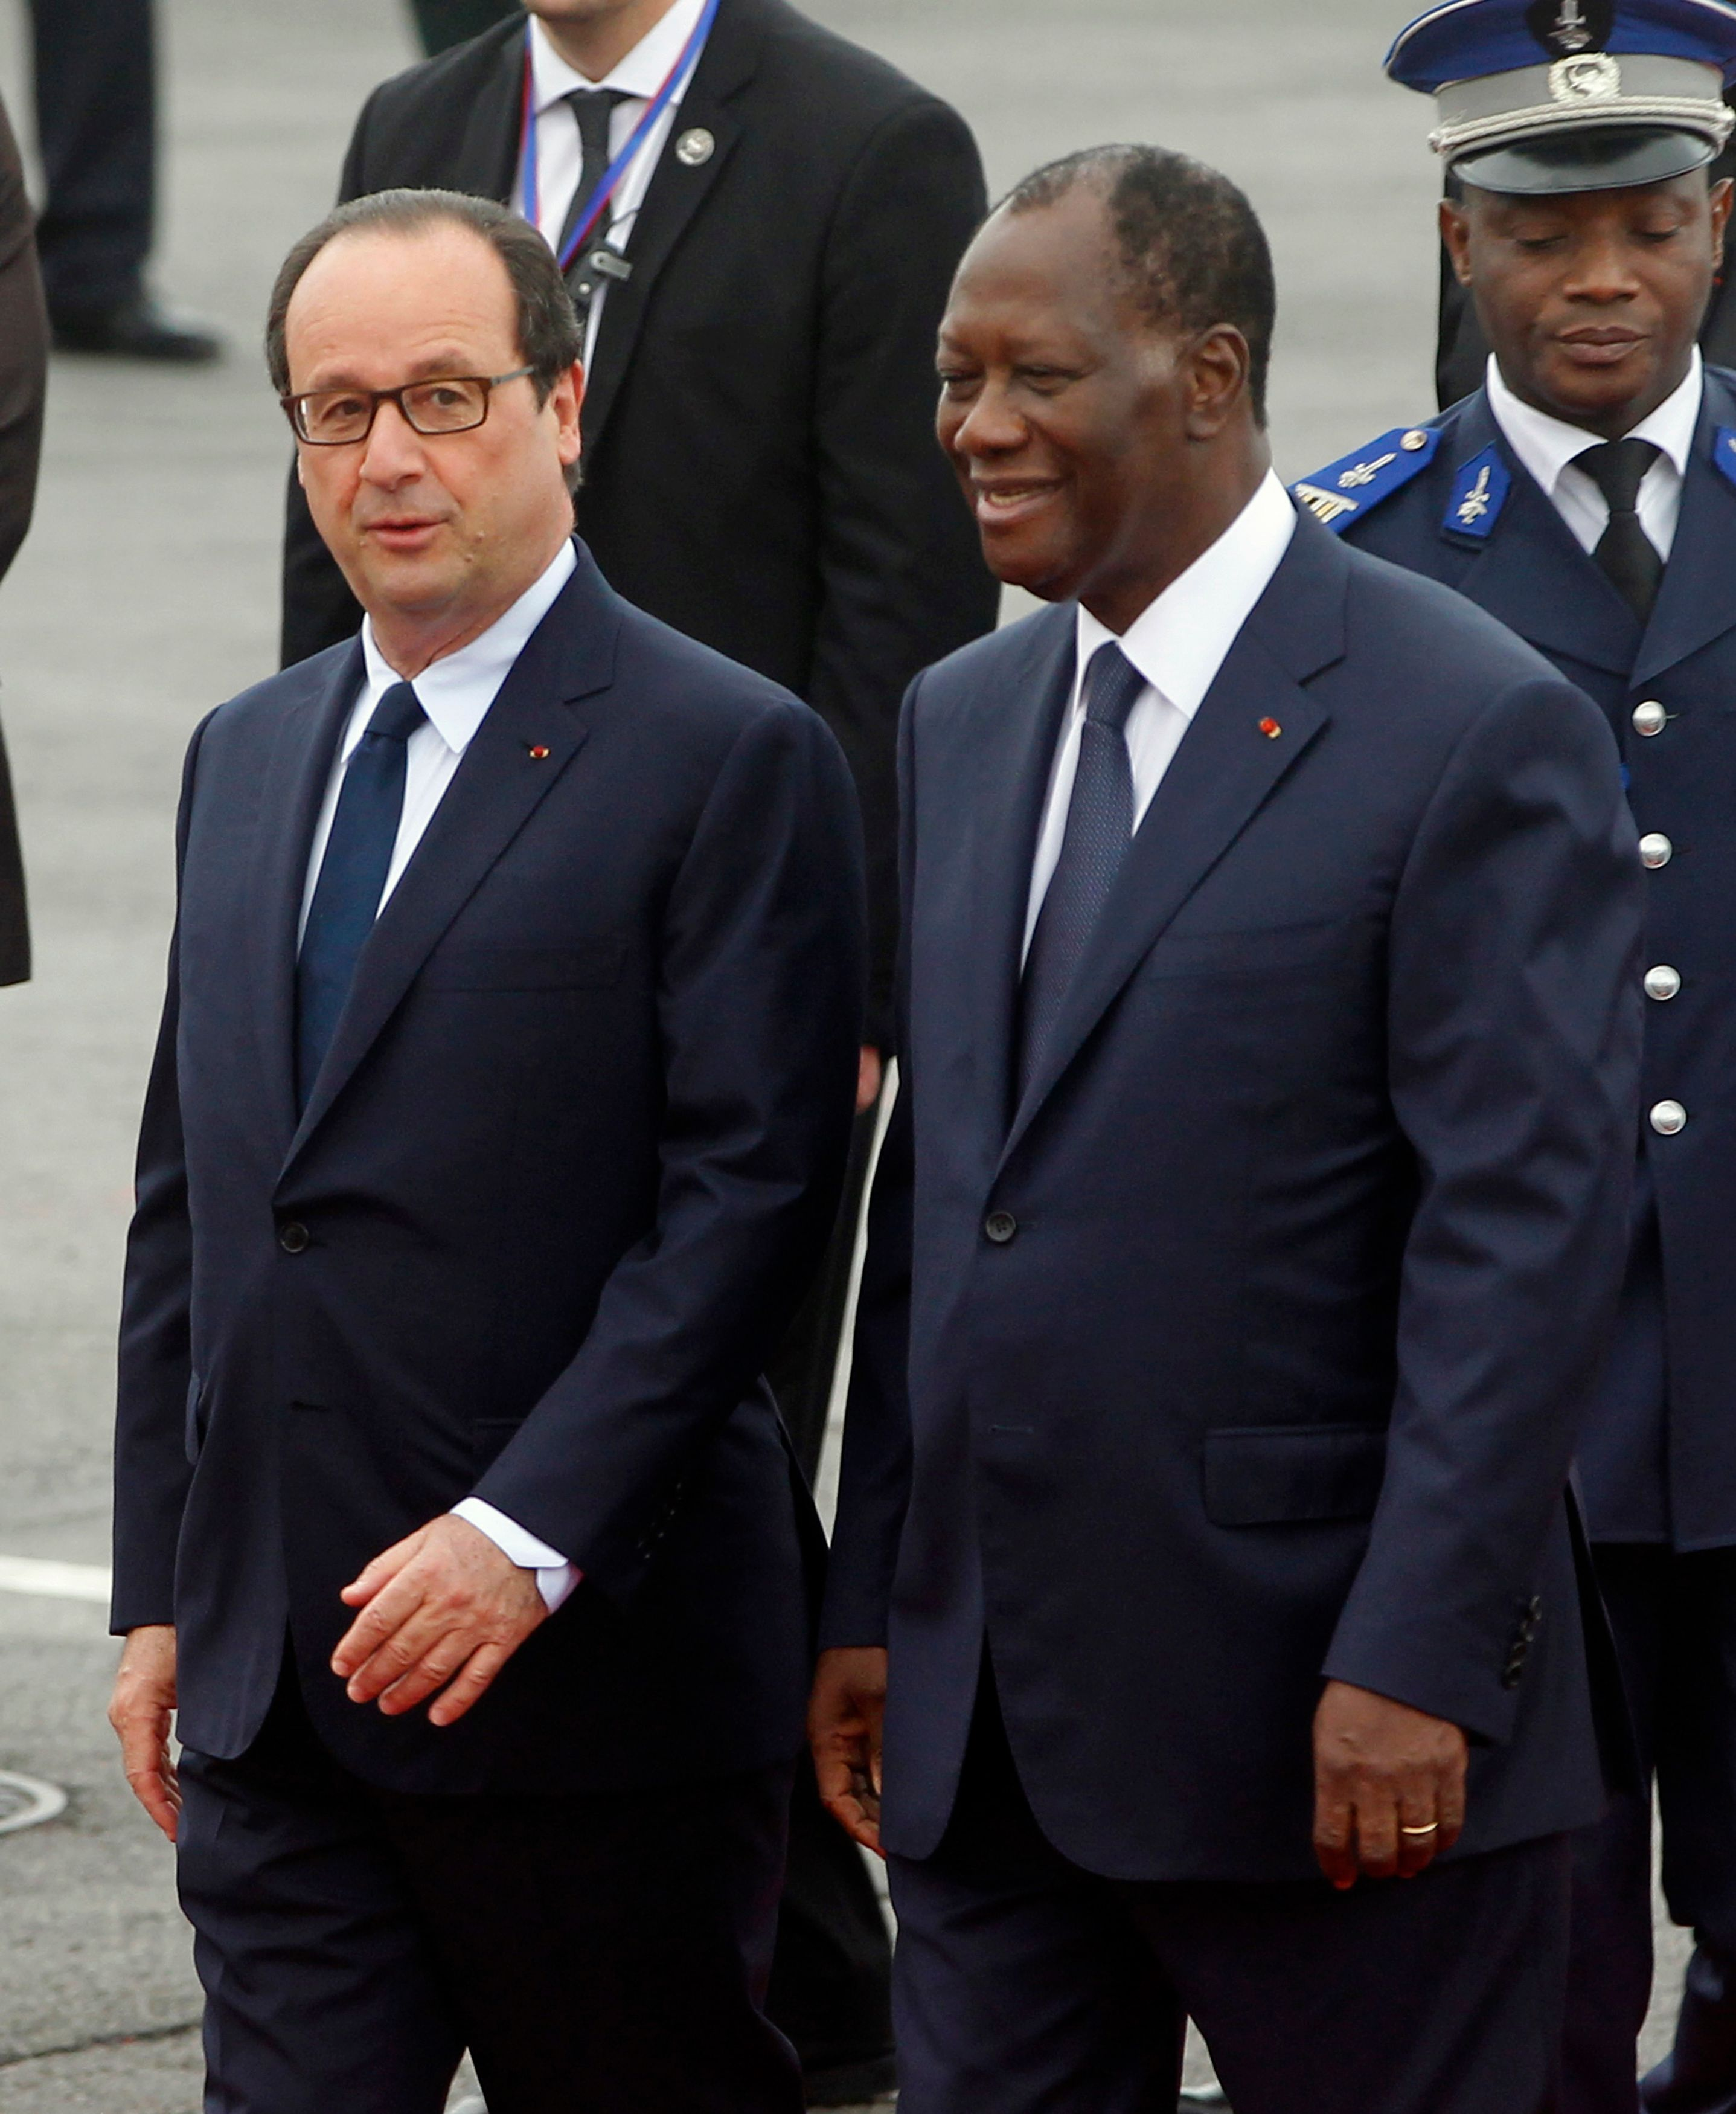 François Hollande et le président de la côte d'Ivoire Alassane Ouattara.